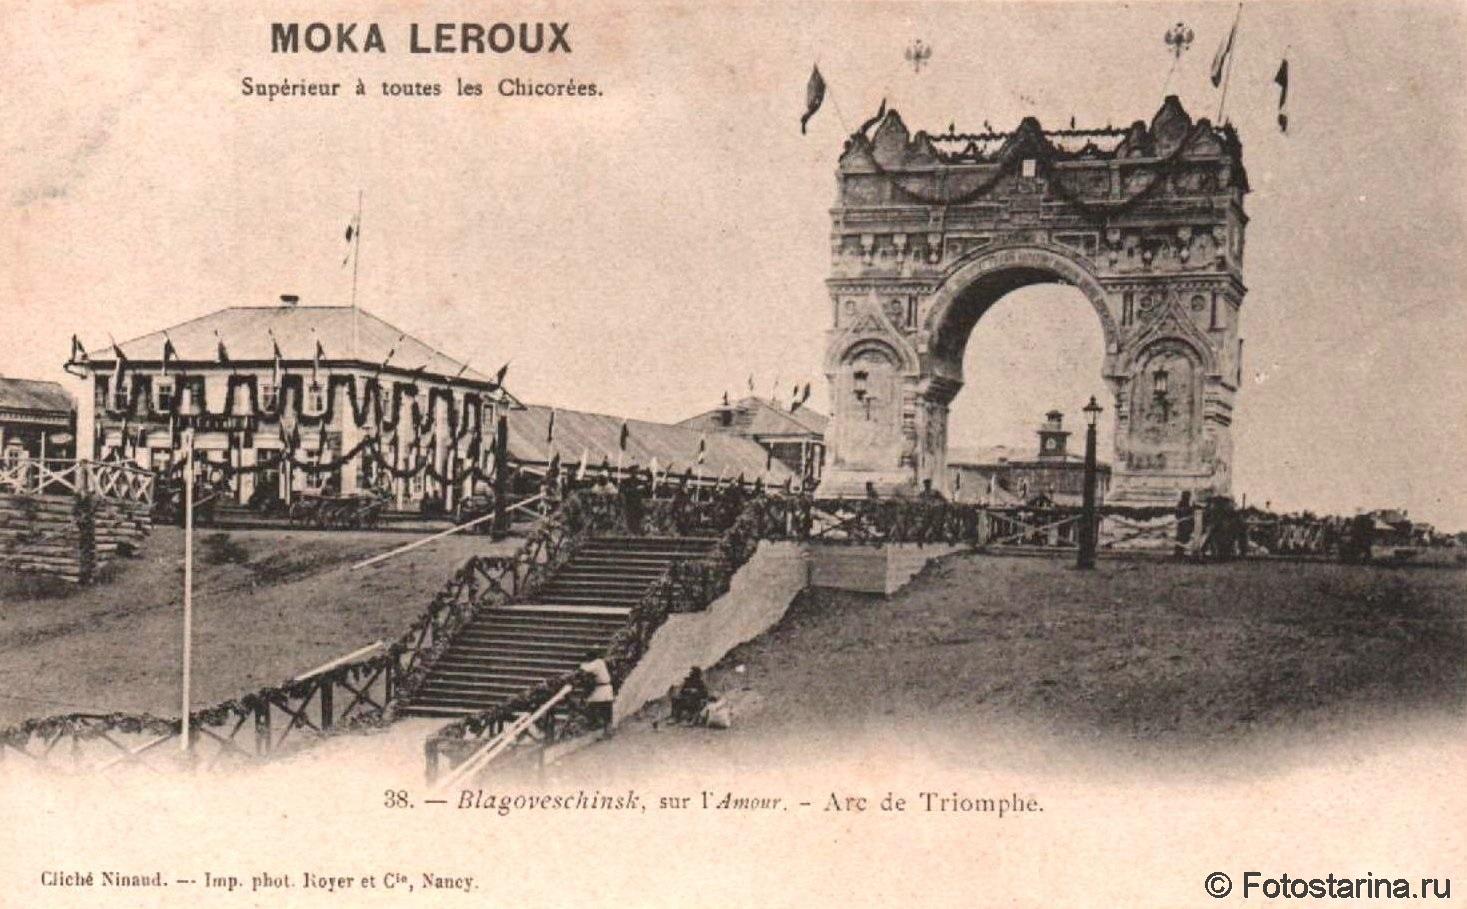 20. 1891. Благовещенск. Триумфальная арка, воздвигнутая в честь визита цесаревича. 4 июня.